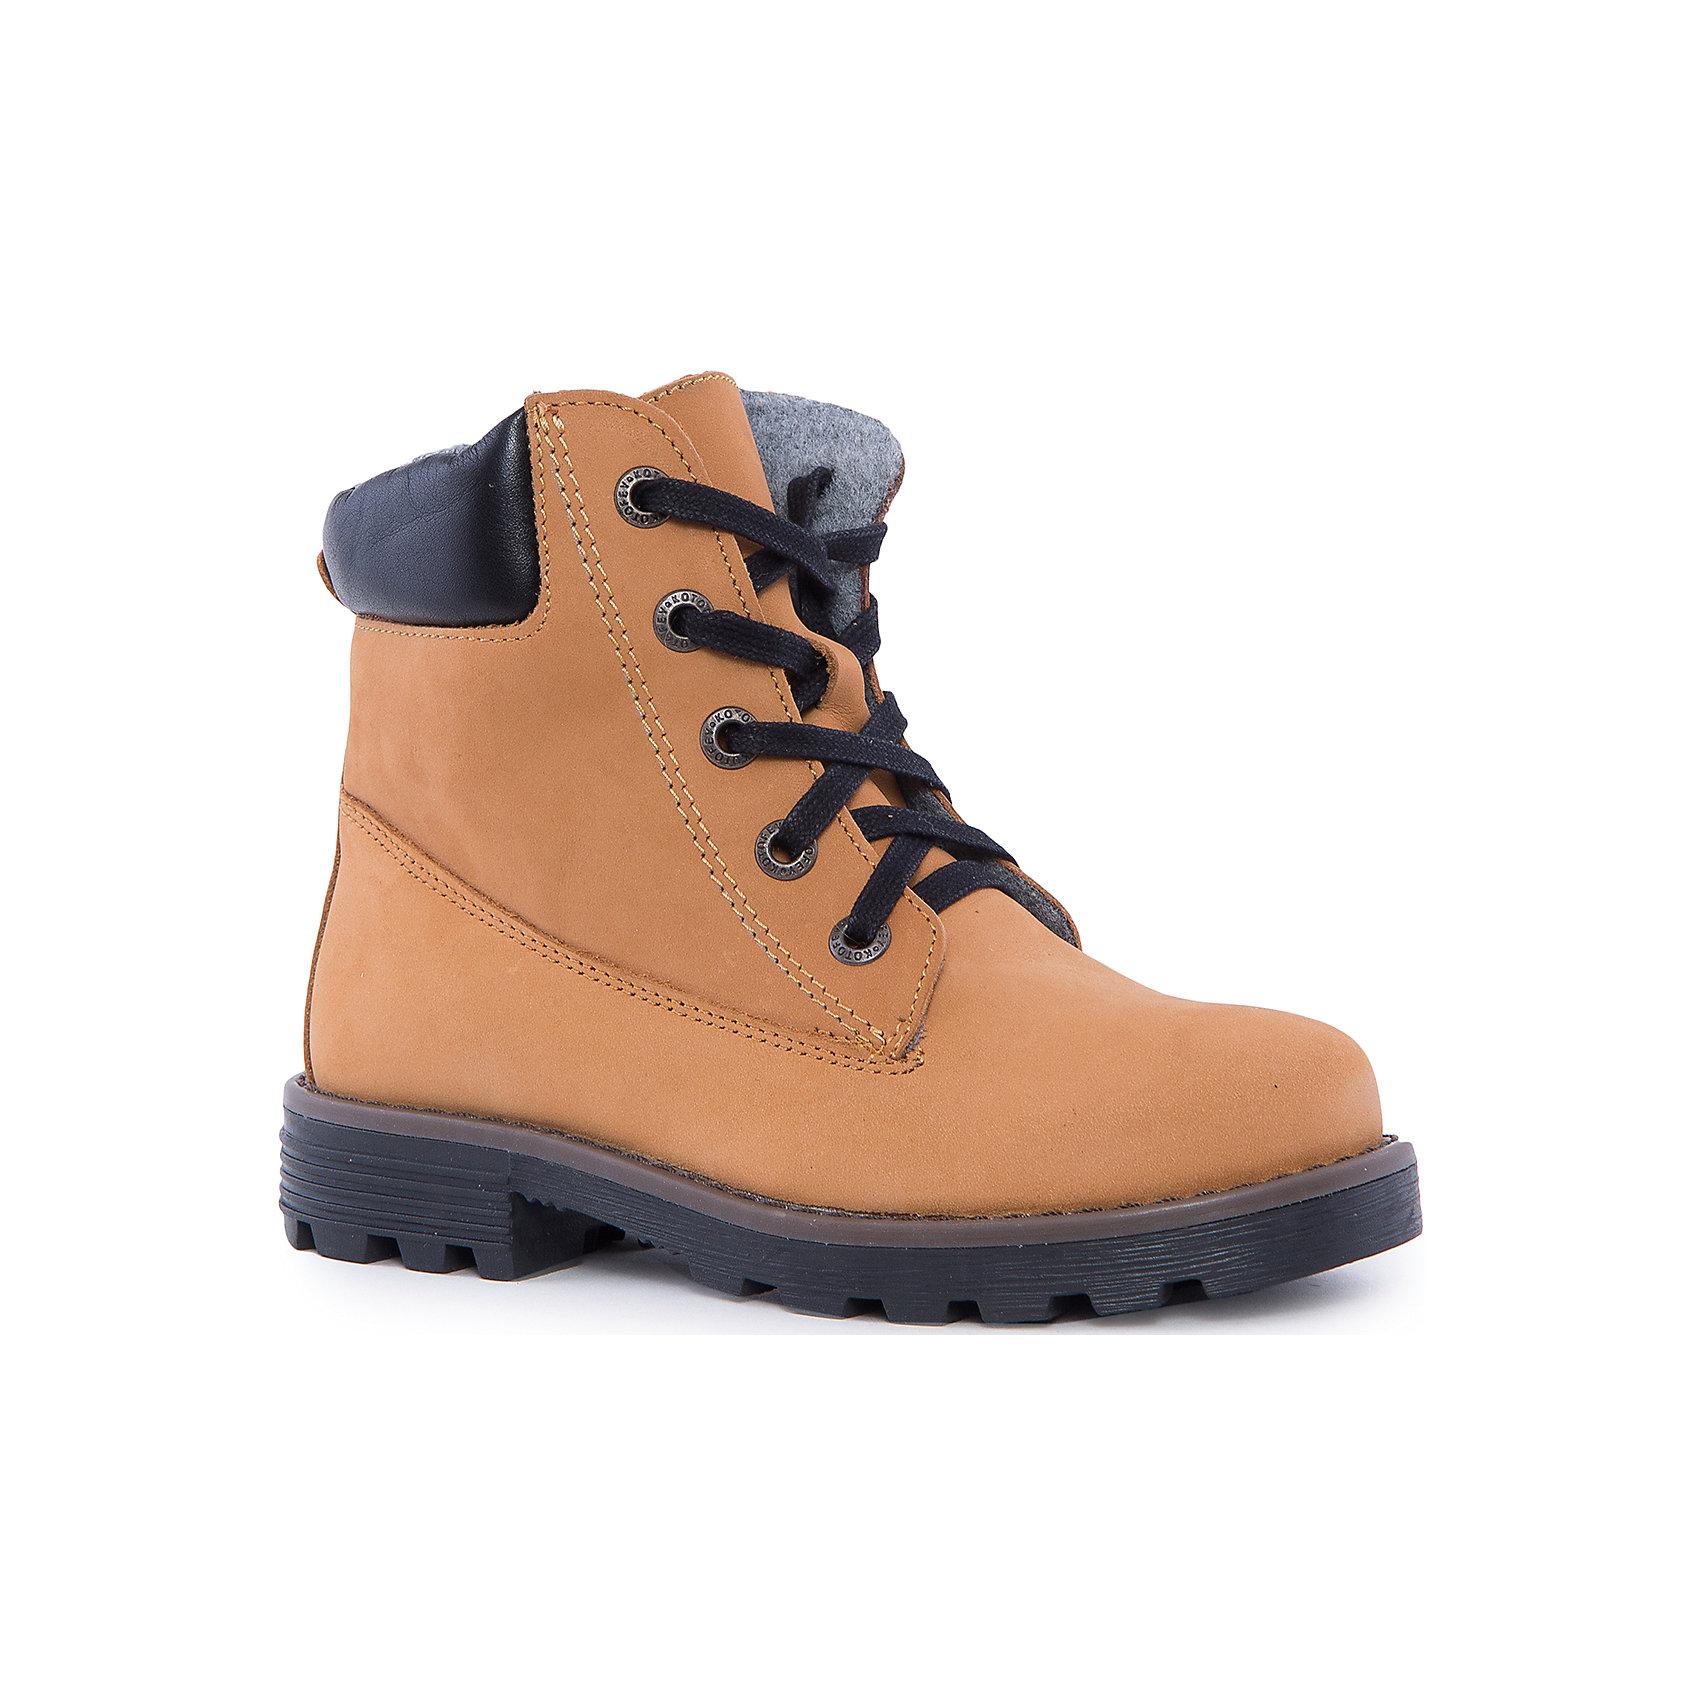 Ботинки для мальчика КотофейБотинки<br>Котофей – качественная и стильная детская обувь по доступным ценам. С каждым днем популярность бренда растет.  С наступлением осенних холодов очень важно выбрать удобную и теплую обувь, которая защитит ножки малыша от промокания, а здоровье от простуды. Стильные желтые ботинки – копия взрослых моделей, созданная специально для малышей, которые хотят выглядеть, как их папы. Модель отвечает всем модным требованиям.<br><br>Дополнительная информация:<br><br>цвет: жёлтый;<br>вид крепления: на клею;<br>застежка: шнуровка;<br>температурный режим: от 0°С до +15° С.<br><br>Состав:<br>материал верха – кожа;<br>подклад – байковый материал;<br>подошва – ТЭП.<br><br>Осенние ботиночки из натурального материала для мальчика  школьного возраста от фирмы Котофей можно приобрести у нас в магазине.<br><br>Ширина мм: 262<br>Глубина мм: 176<br>Высота мм: 97<br>Вес г: 427<br>Цвет: желтый<br>Возраст от месяцев: 108<br>Возраст до месяцев: 120<br>Пол: Мужской<br>Возраст: Детский<br>Размер: 33,35,36,32,34,37<br>SKU: 4982262